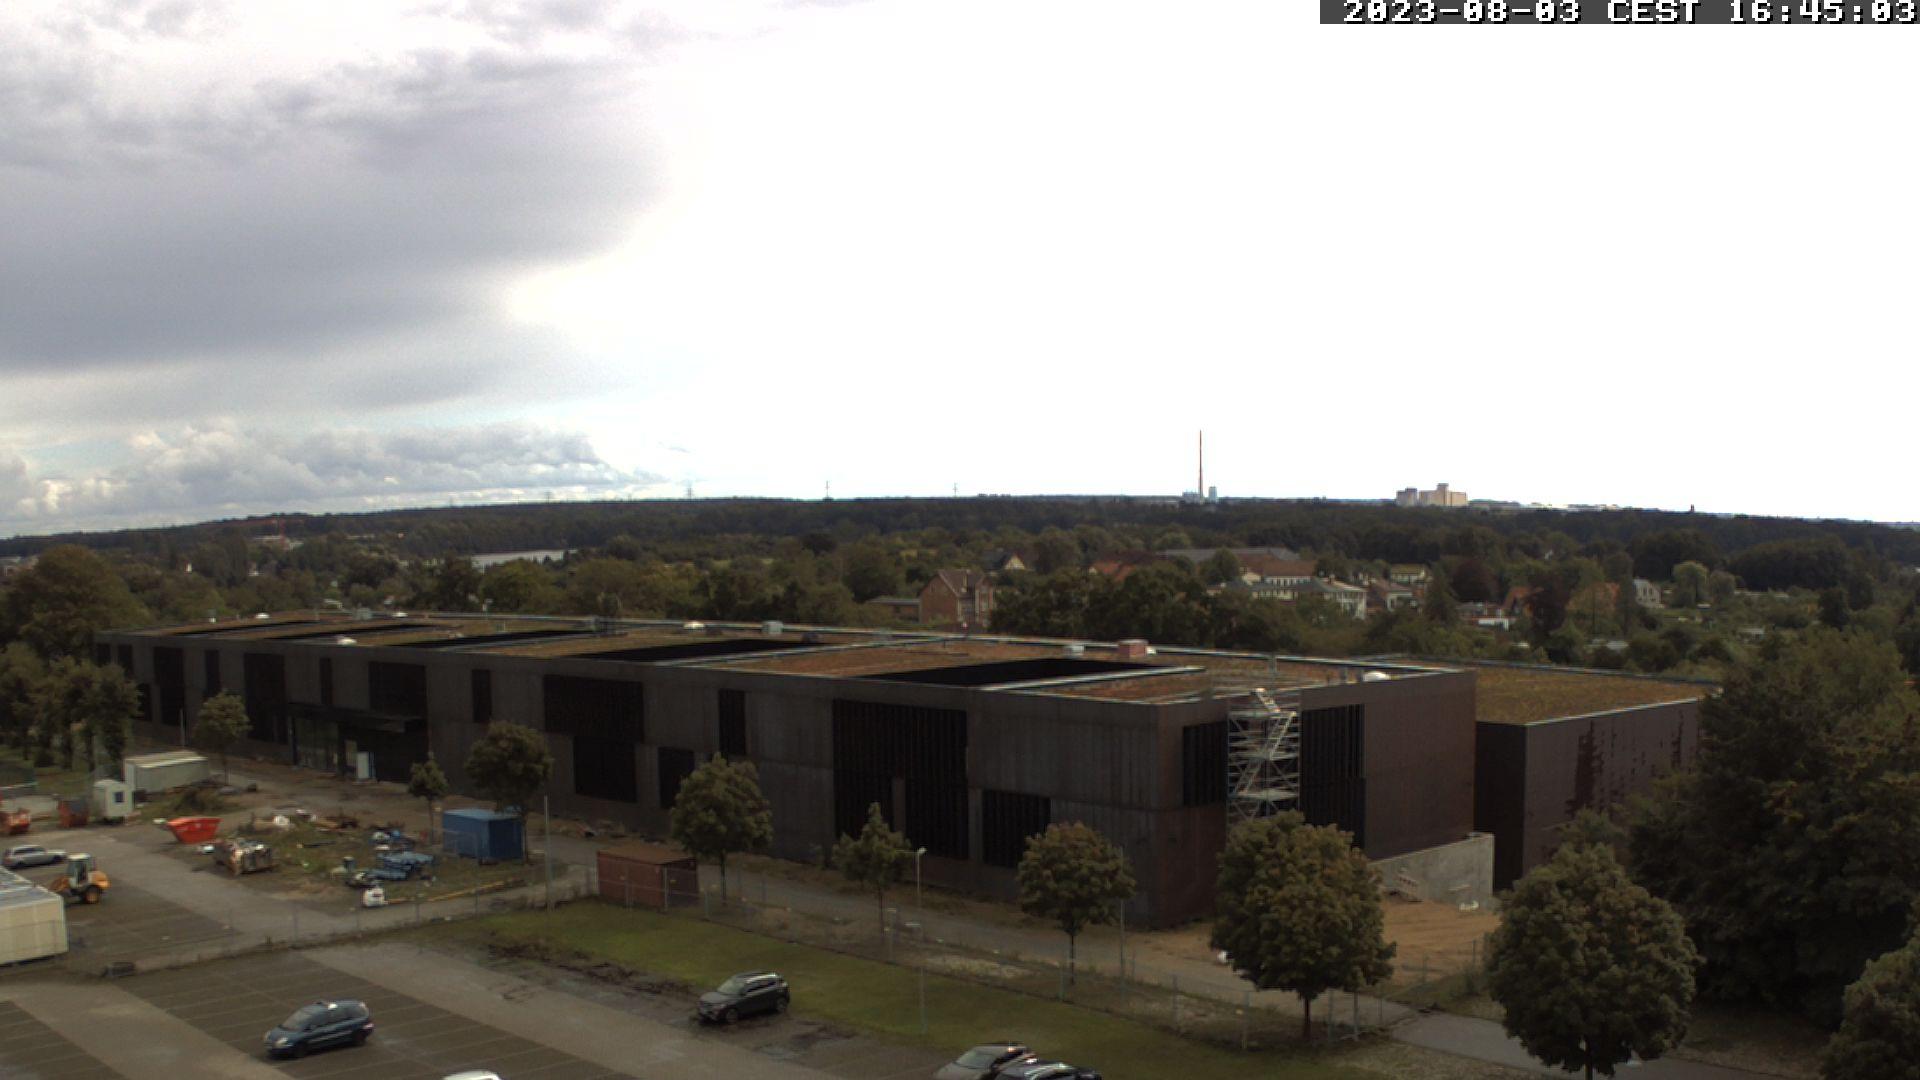 Hier erscheint in Kürze das aktuelle Webcam-Bild von der Baustelle Depots und Werkstätten in Schwerin an der Johannes-Stelling-Straße.